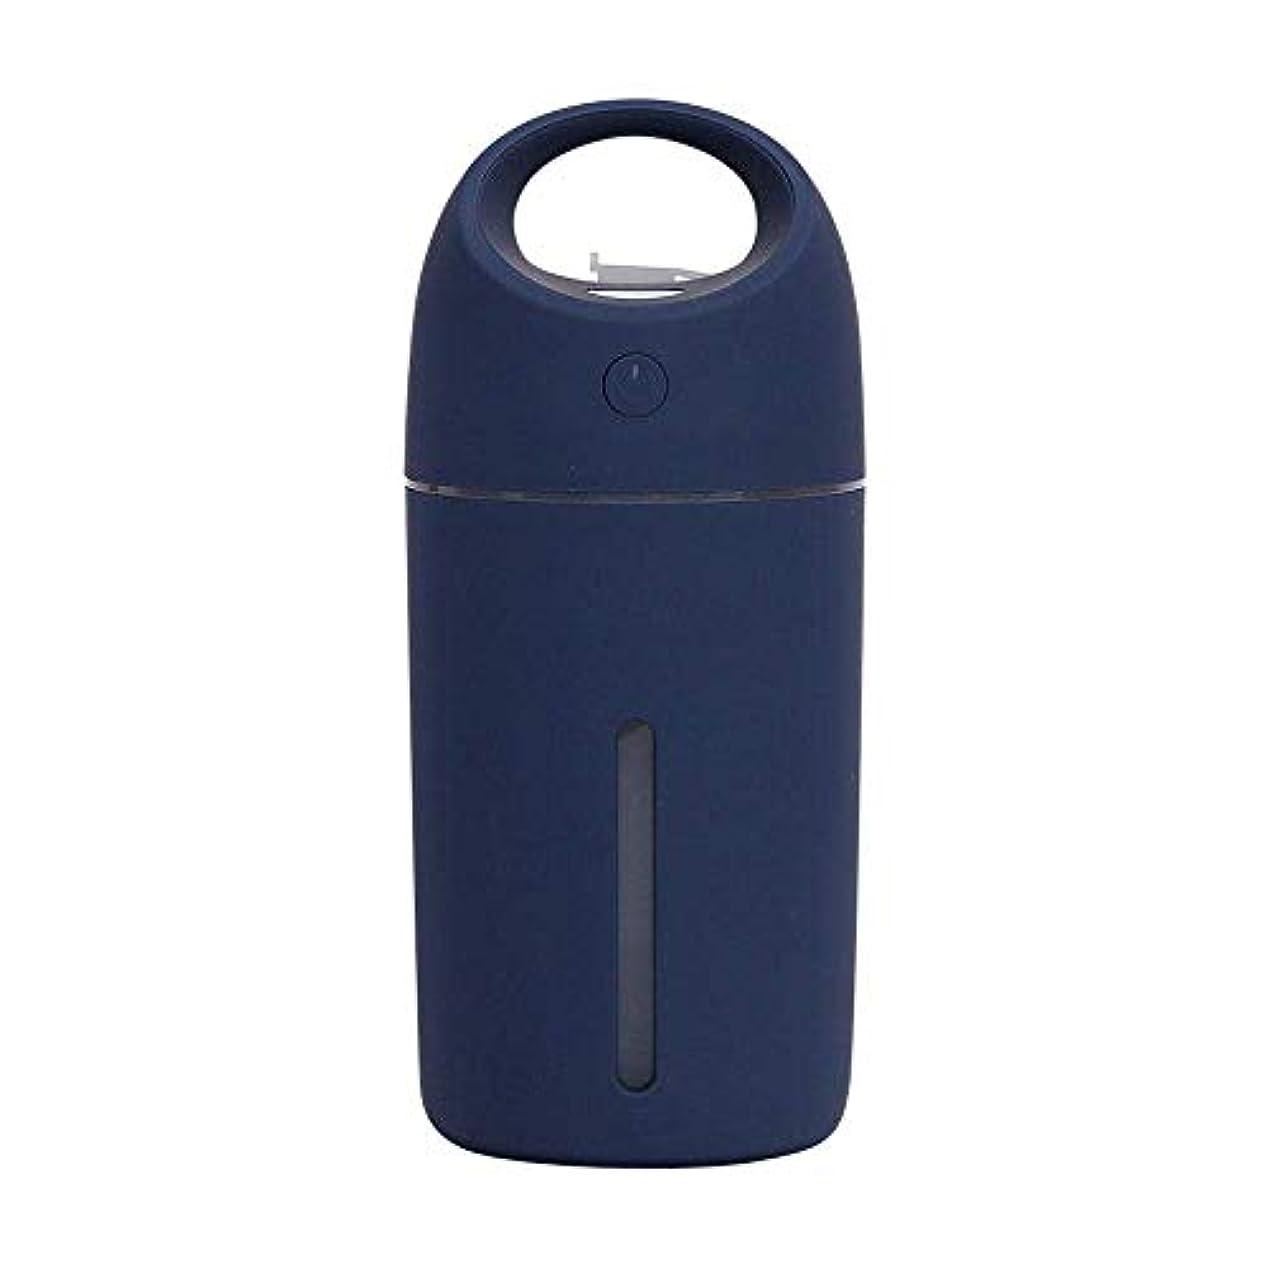 集団プライバシー美的SOTCE アロマディフューザー加湿器超音波霧化技術満足のいく解決策美しい装飾湿潤環境思慮ギフト (Color : Blue)